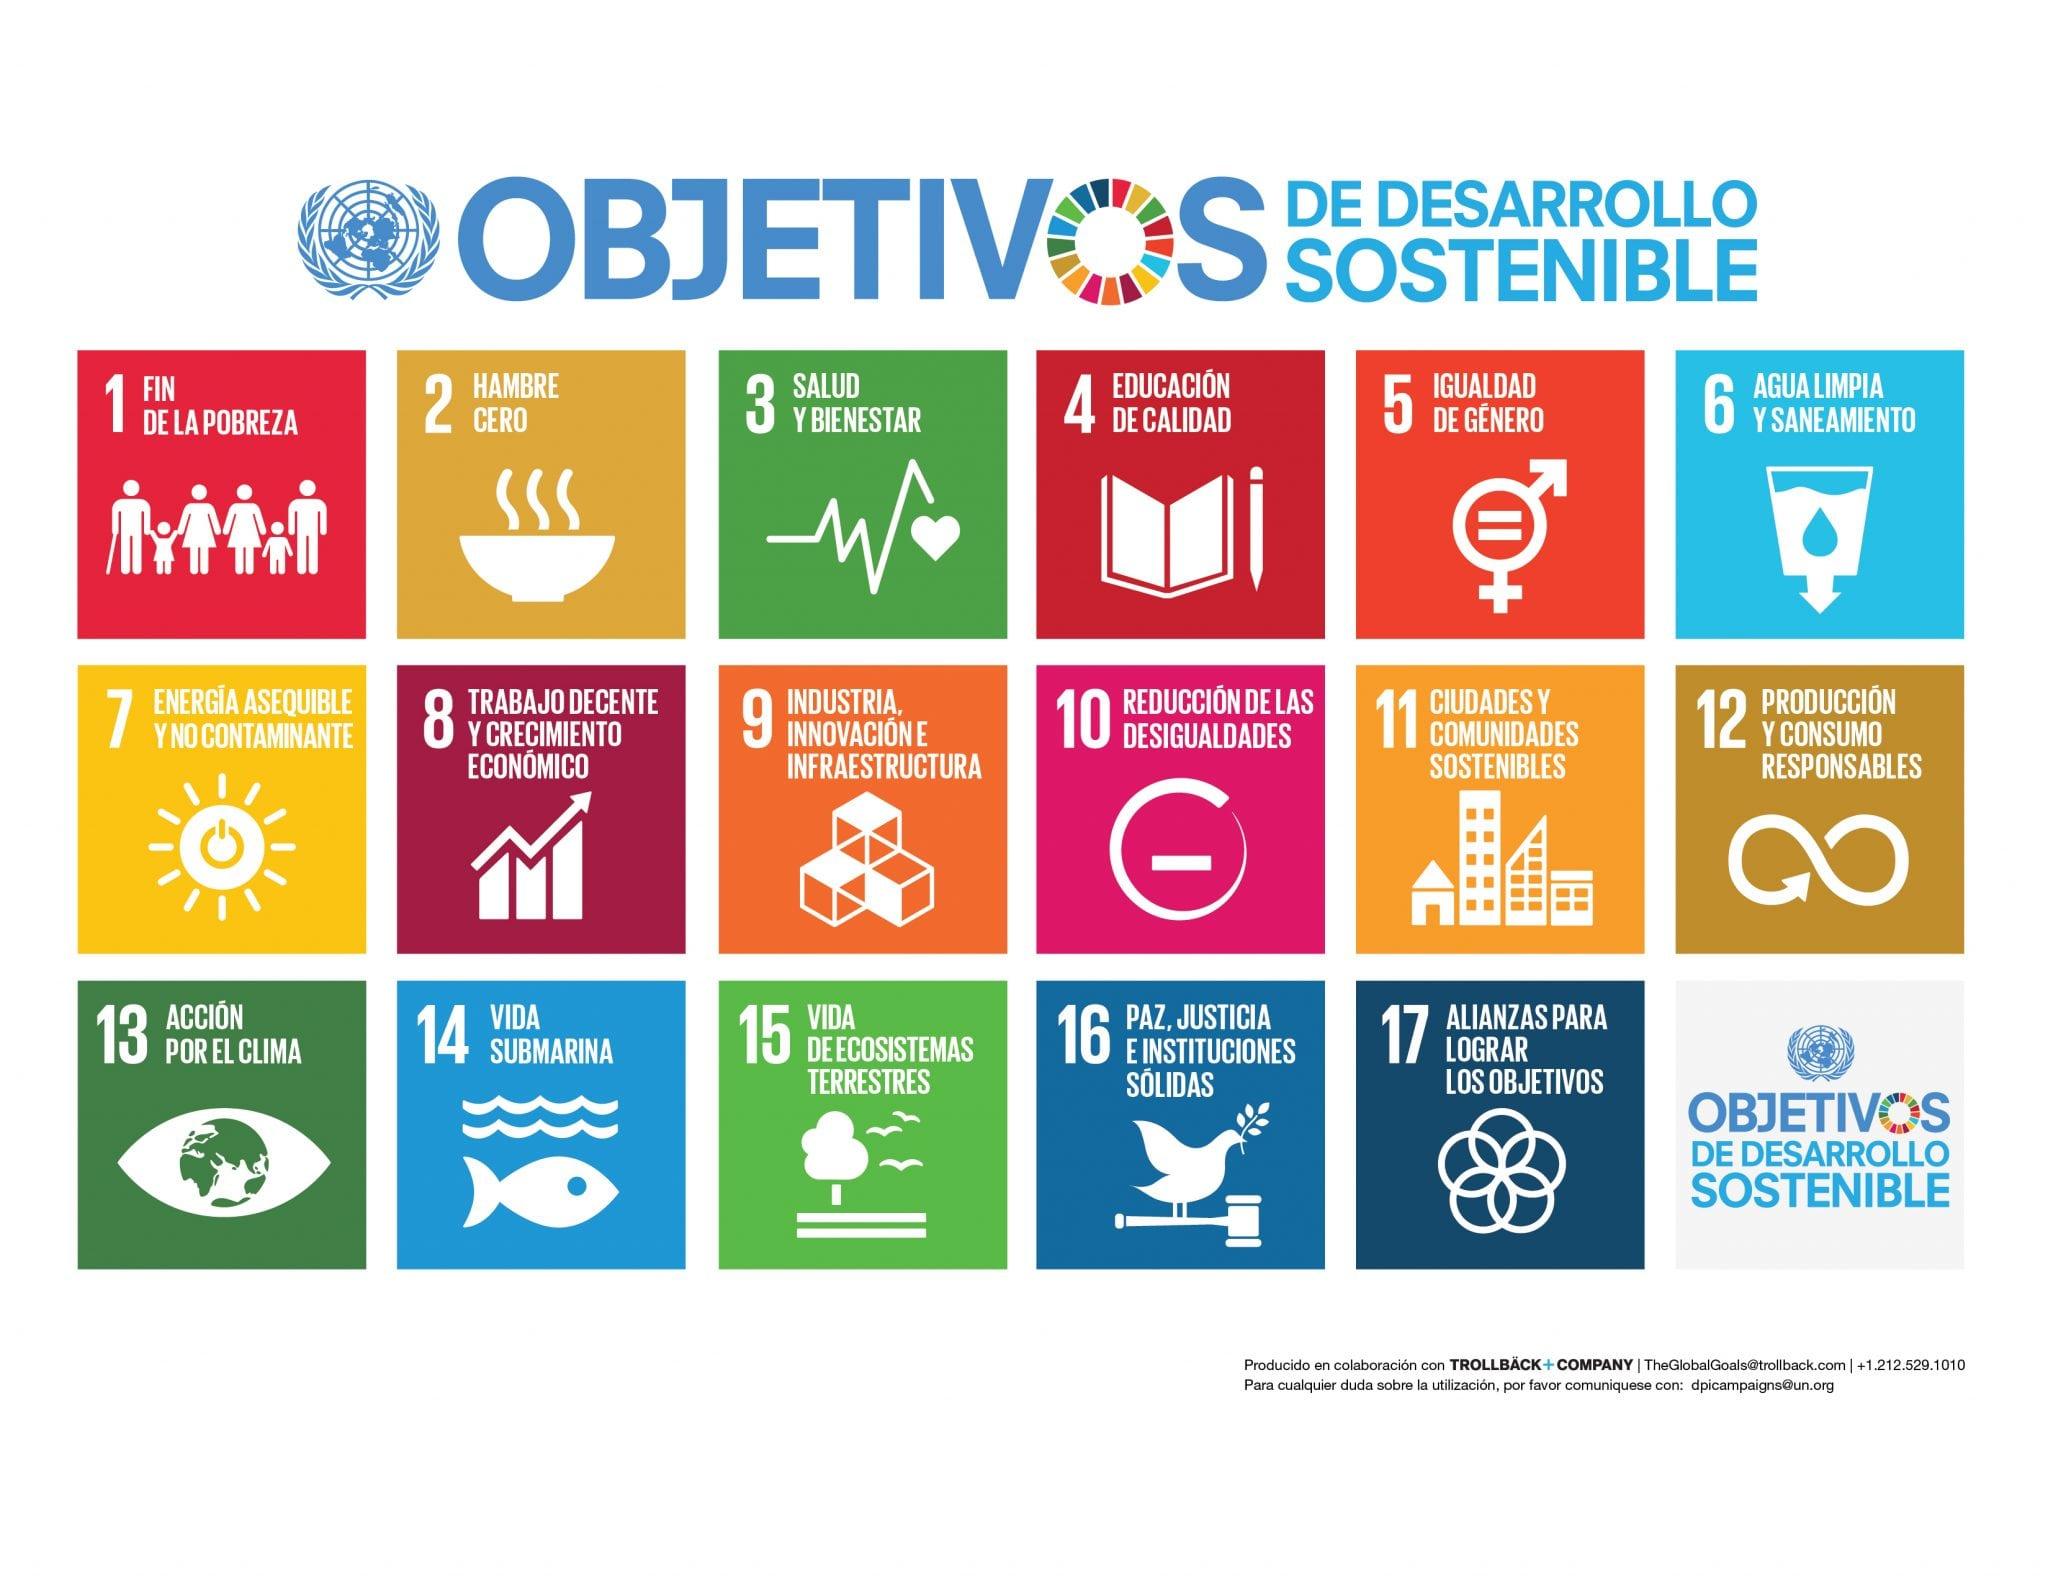 Video de la comparecencia del Presidente de ISCOD en la Comisión Mixta para alcanzar los ODS